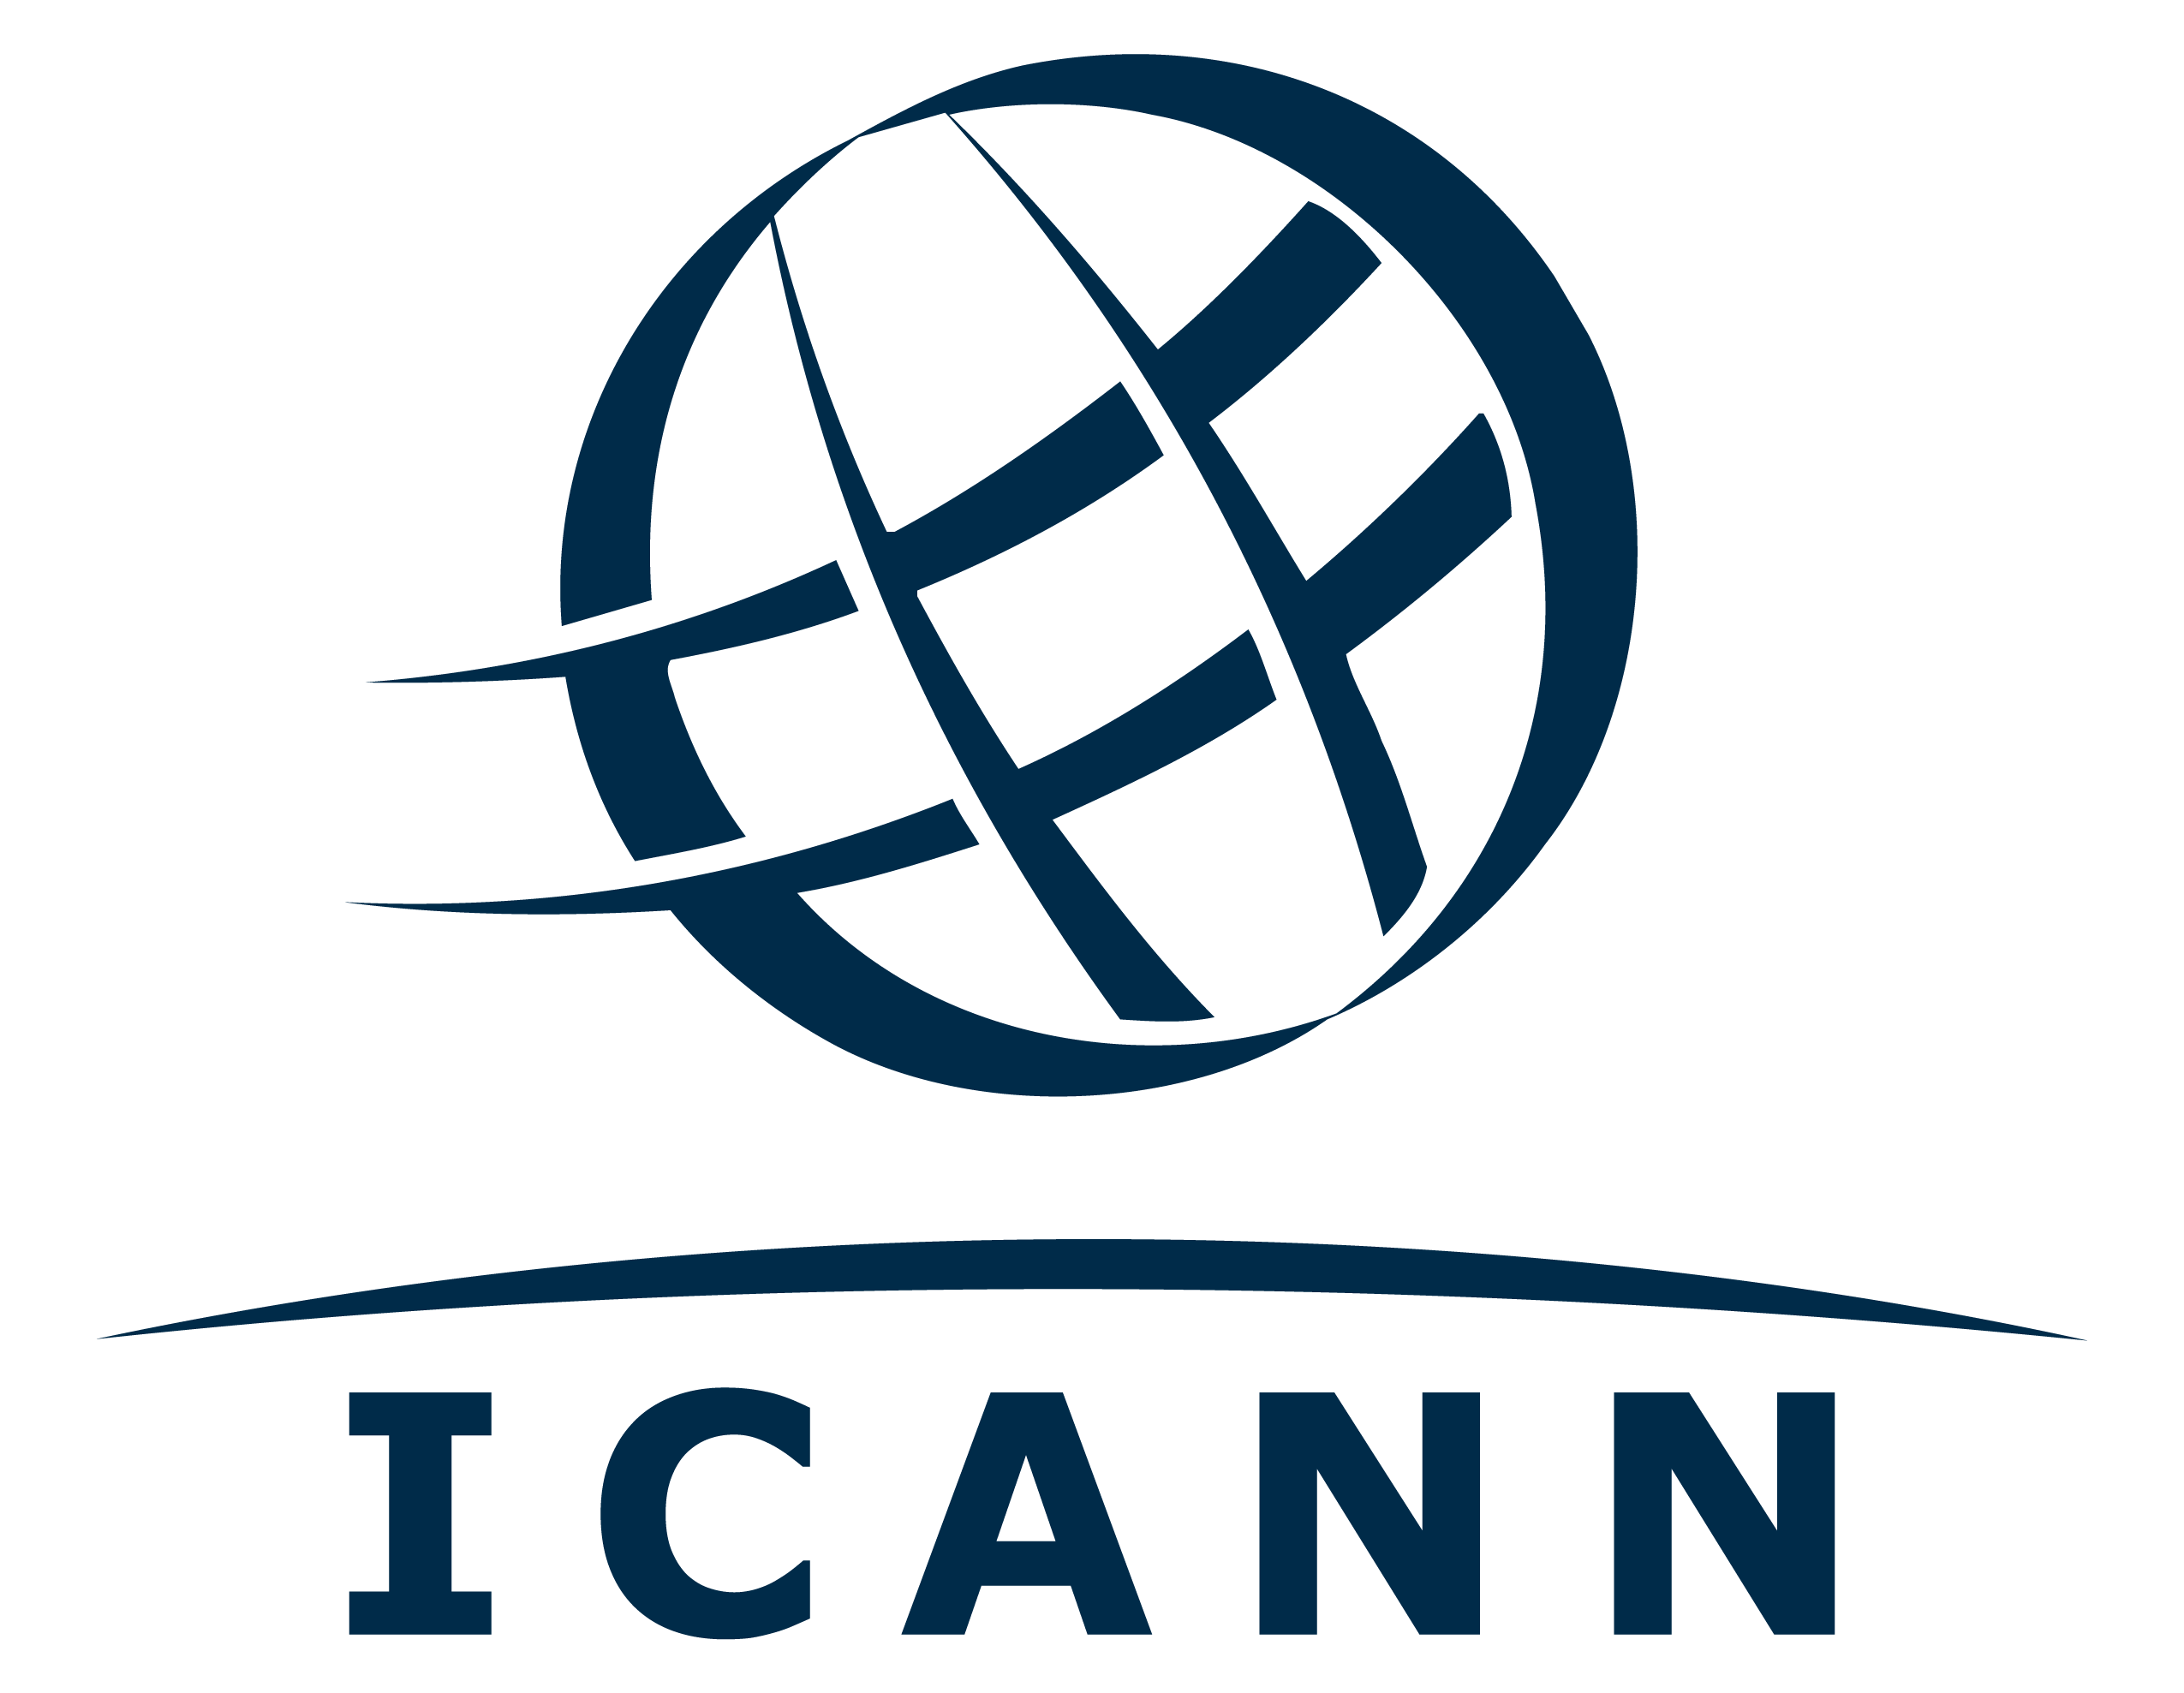 ICANN unternimmt wichtigen Schritt in Richtung Unabhängigkeit